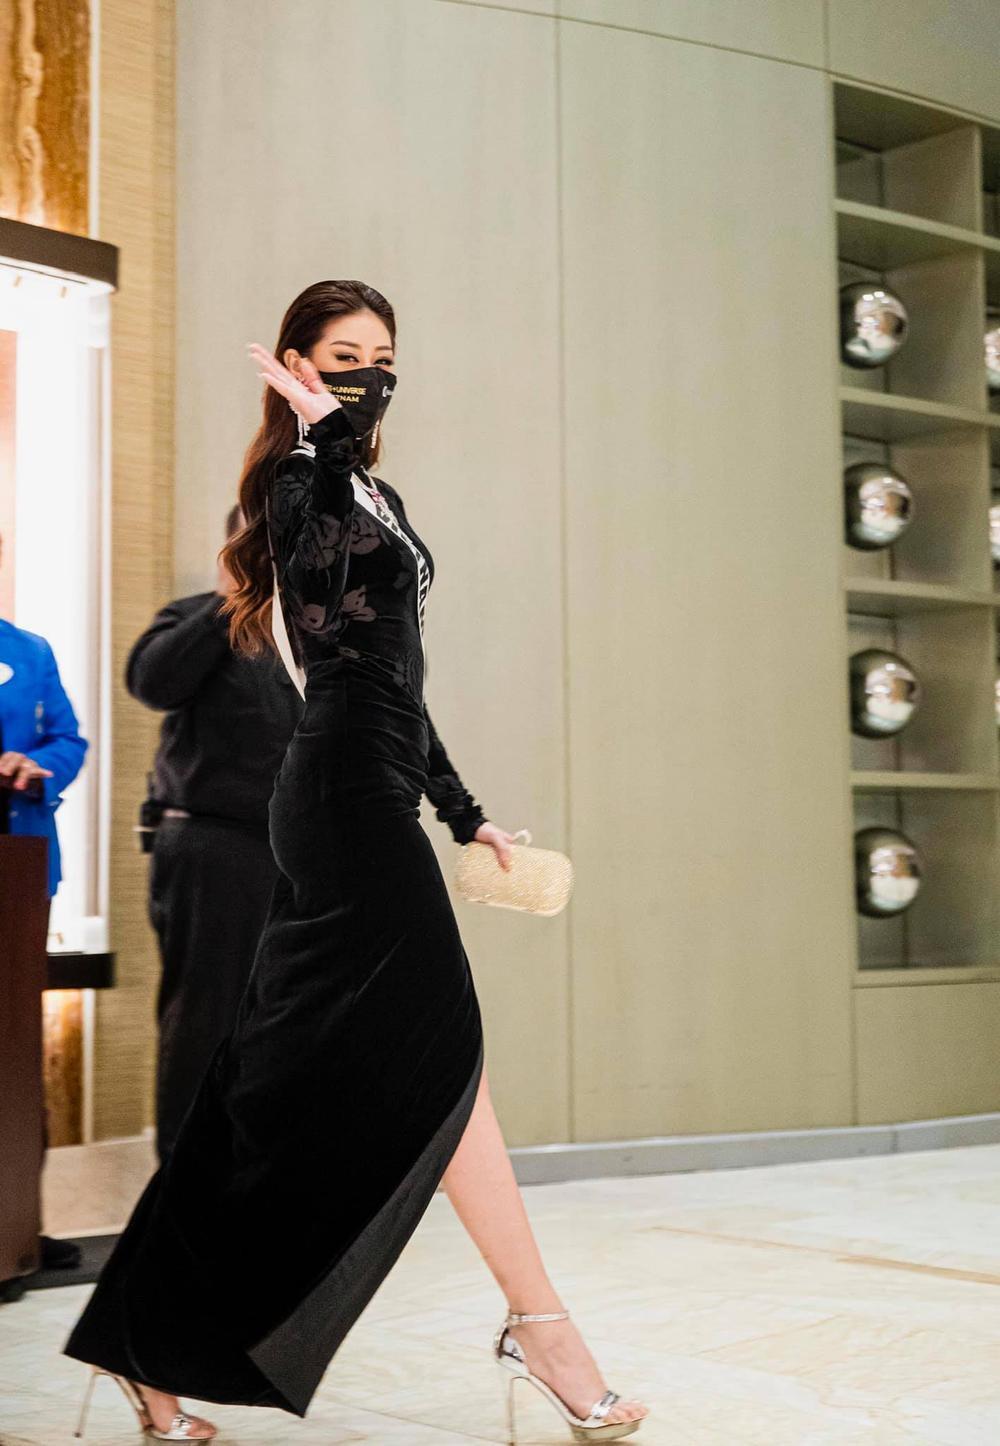 Khánh Vân triệt để đường cong với bộ váy hoa hồng nhung đen: Vừa quyền lực vừa sang trọng hết cỡ Ảnh 4